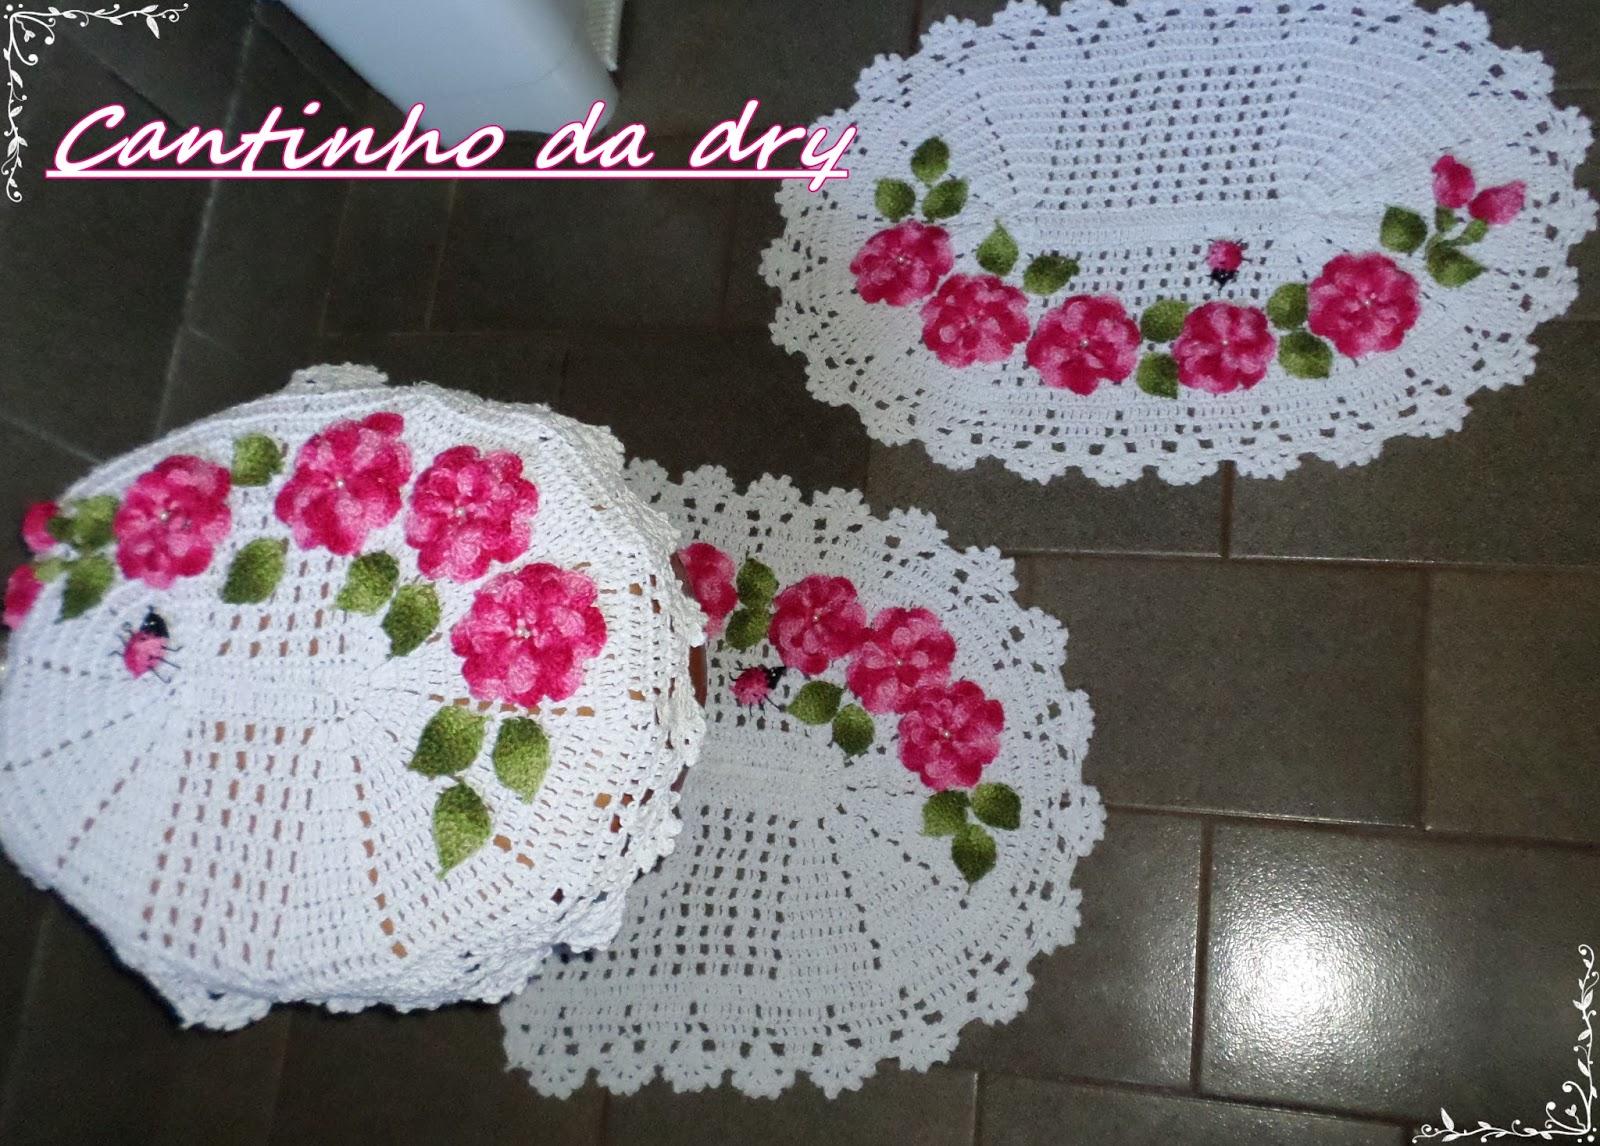 Jogo De Banheiro Verde E Branco : Croches da dry jogo de banheiro c flores ejoaninhas